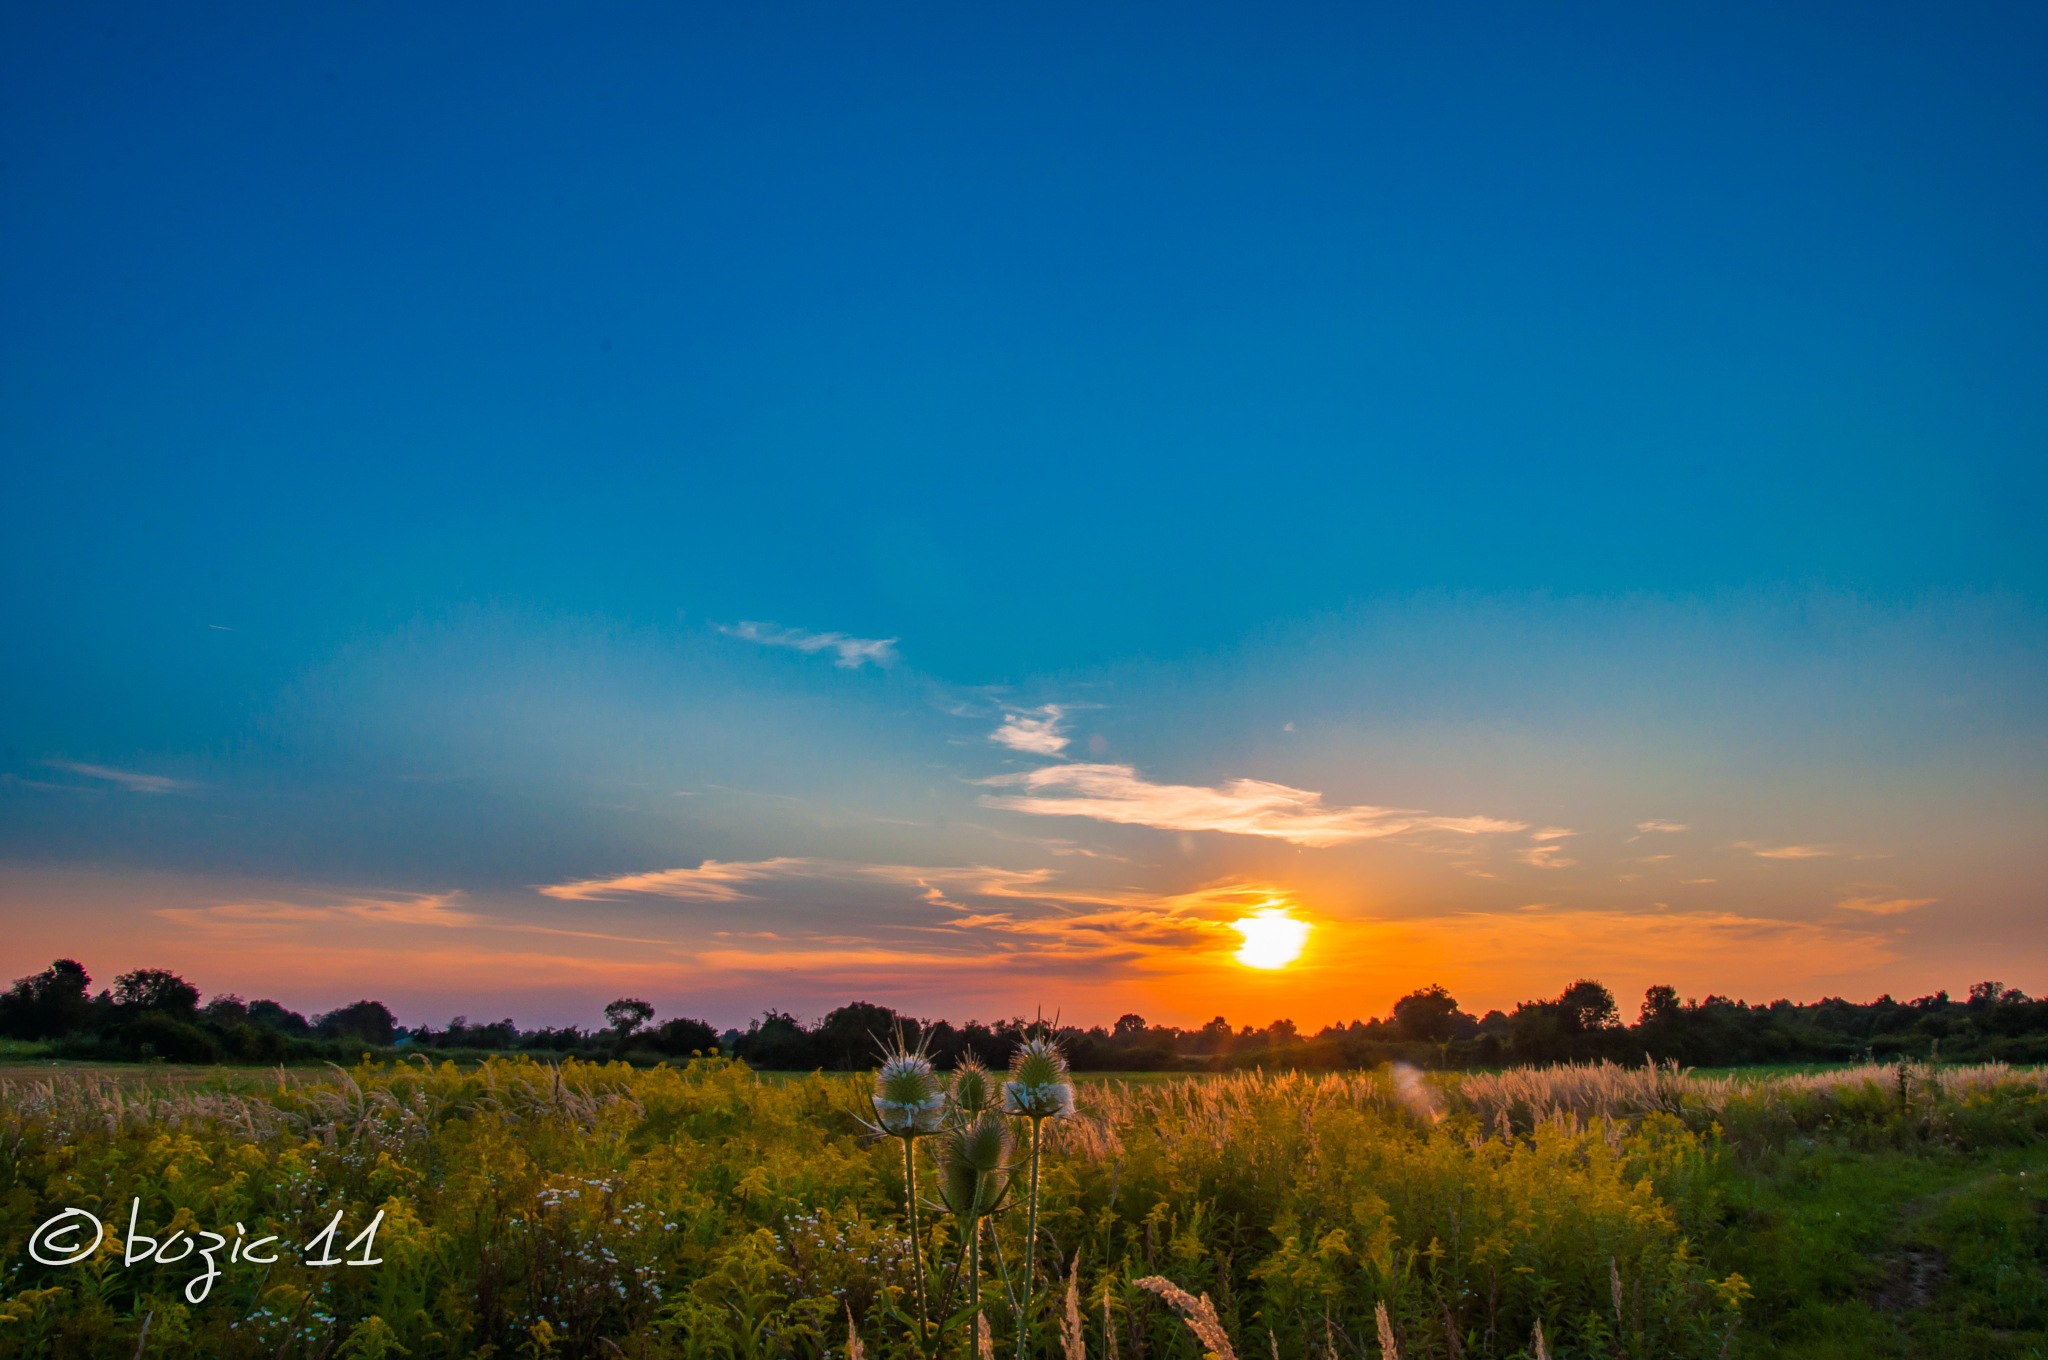 sunset by Robert